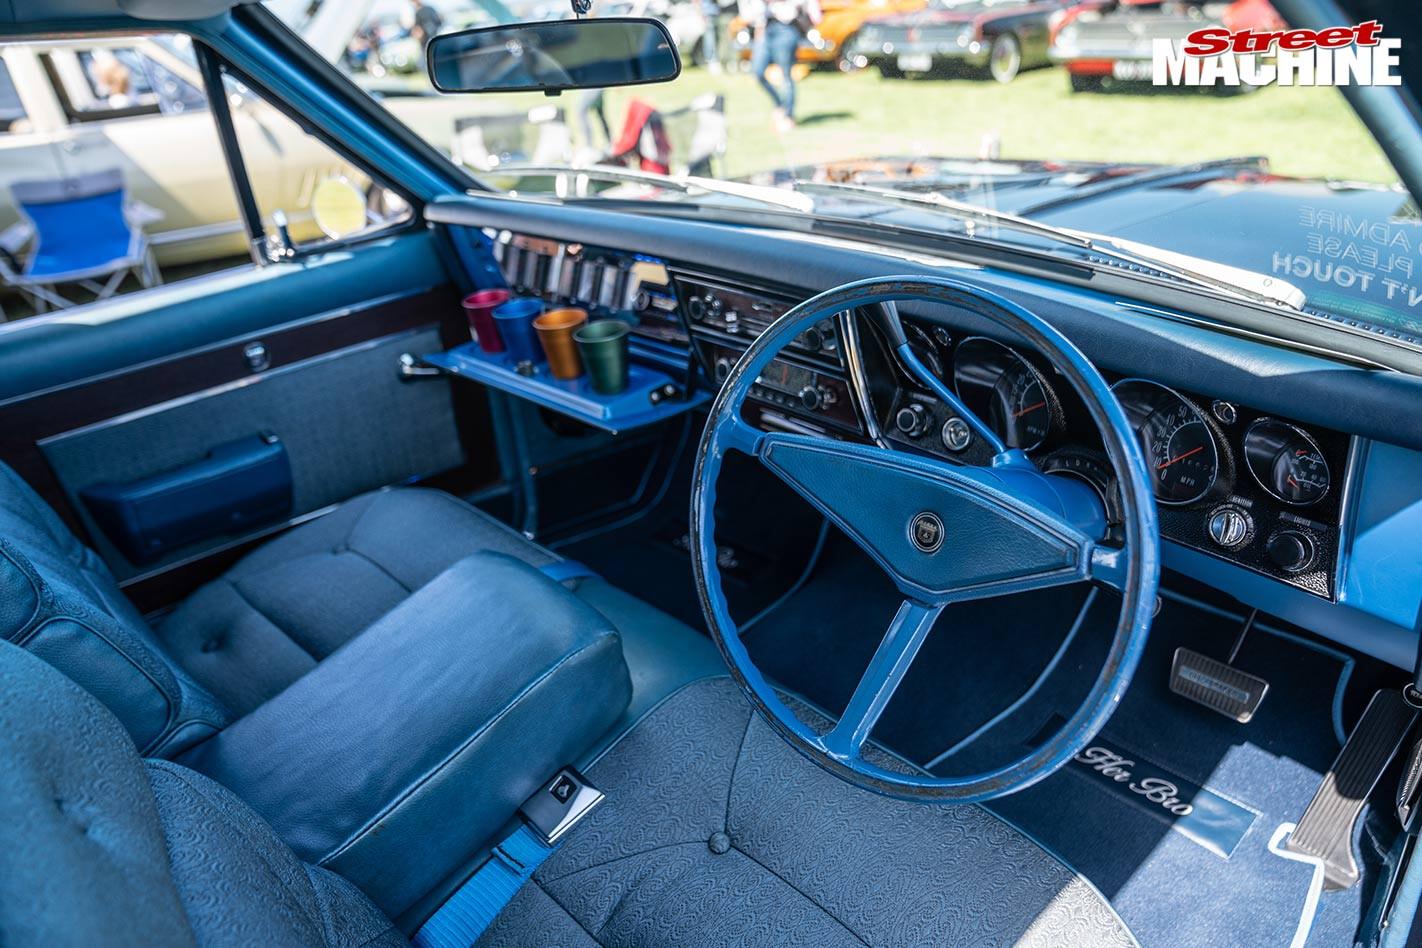 Holden HT Brougham interior